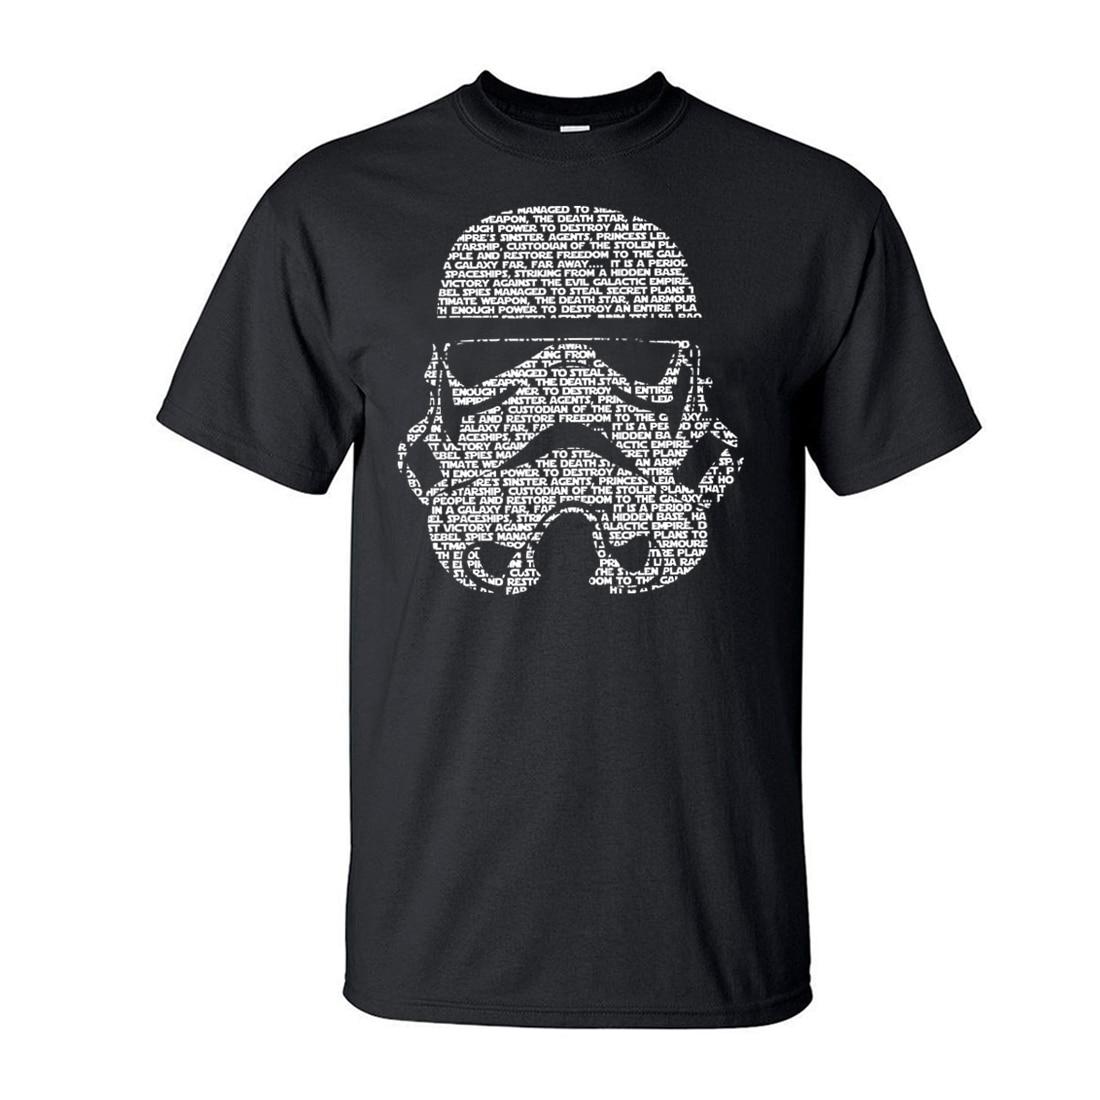 Hommes T Shirt 2019 été mode Star Wars Yoda/dark vador Streetwear T-Shirt décontracté t-shirts masques mots Hip Hop hauts Tee